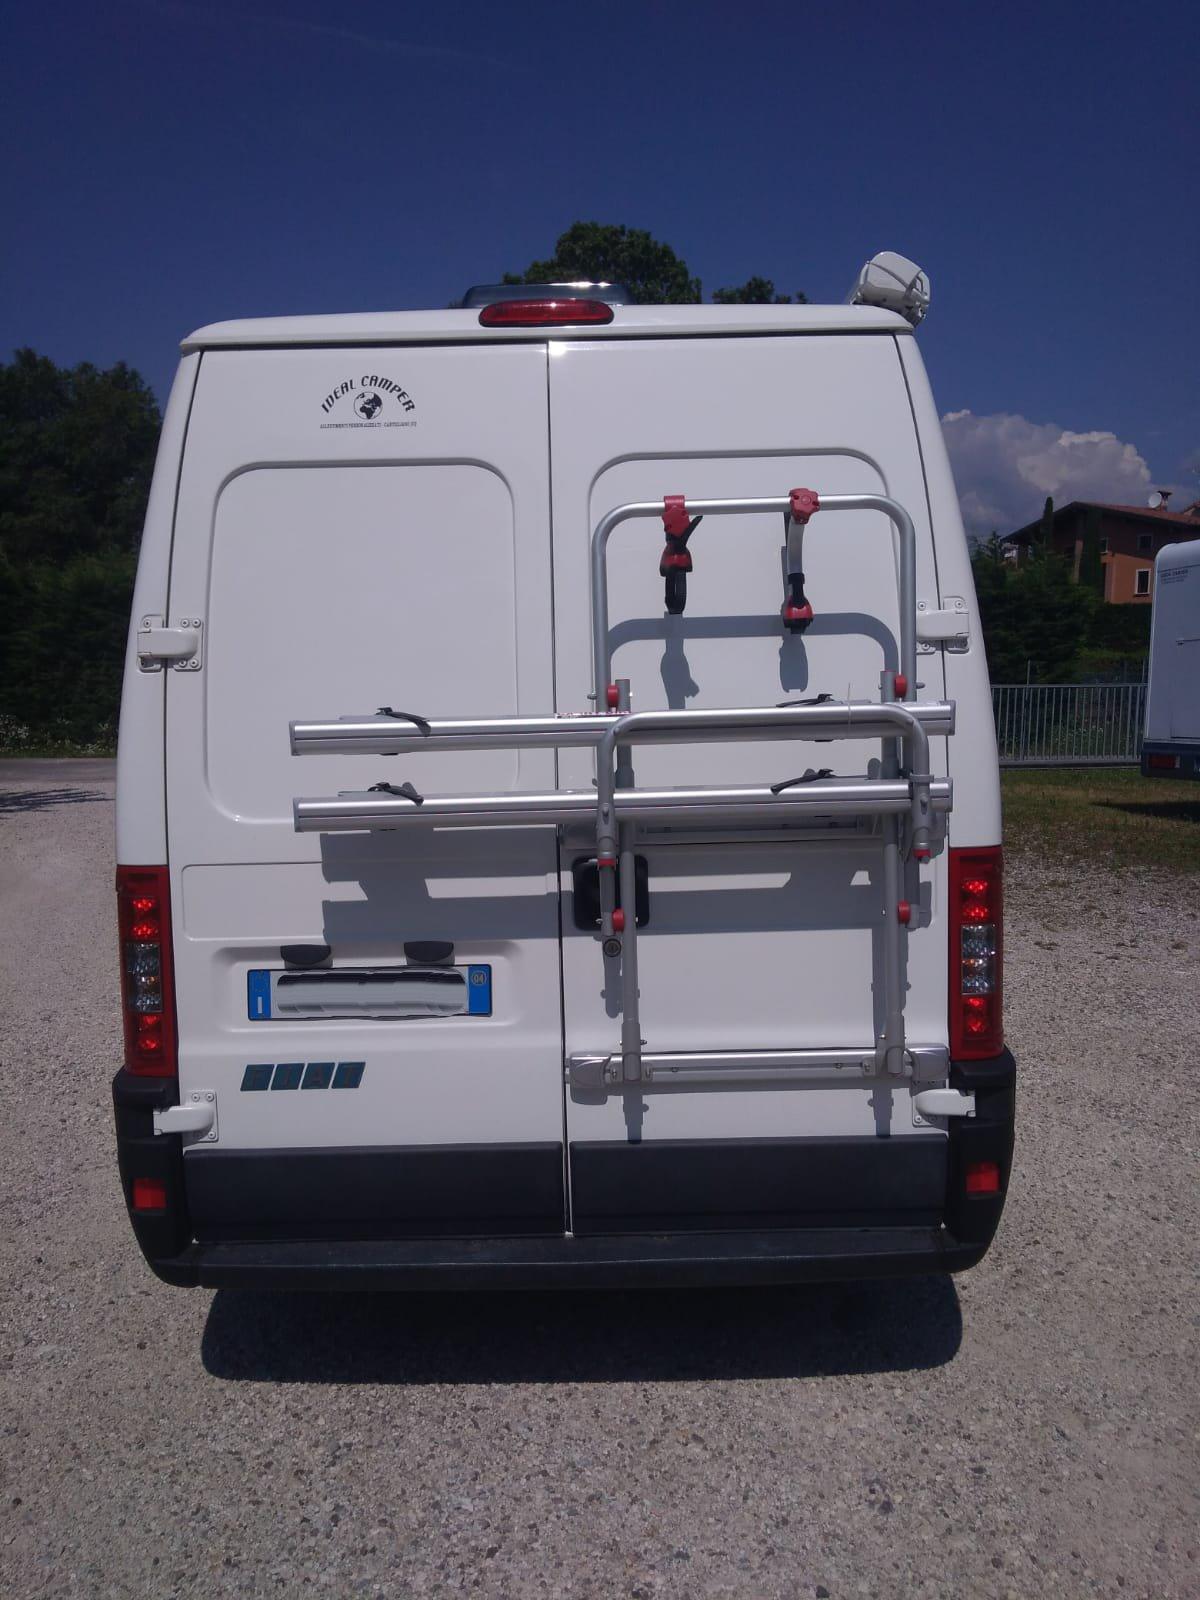 FIAT DUCATO 15 2.3 JTD - esterno 5